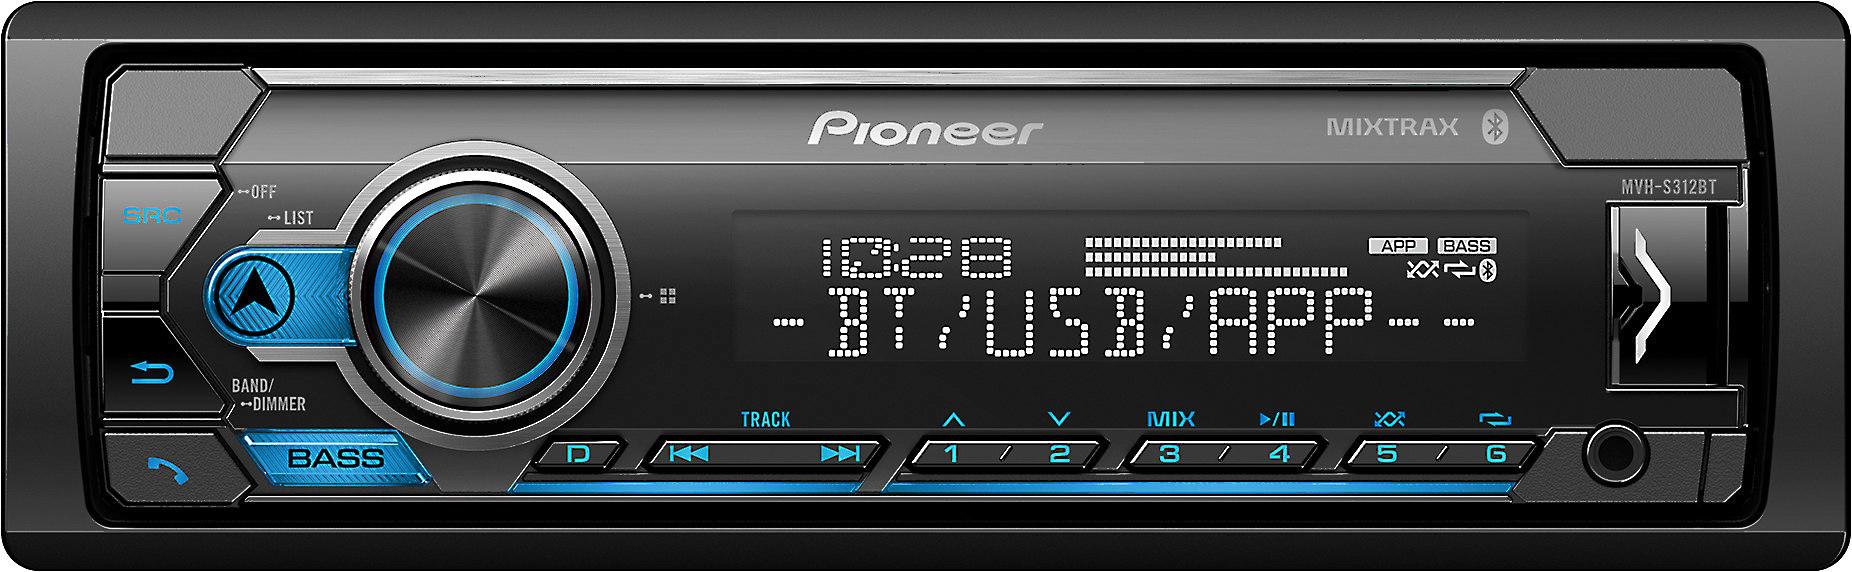 Pioneer MVH-S312BT Digital Media Receiver